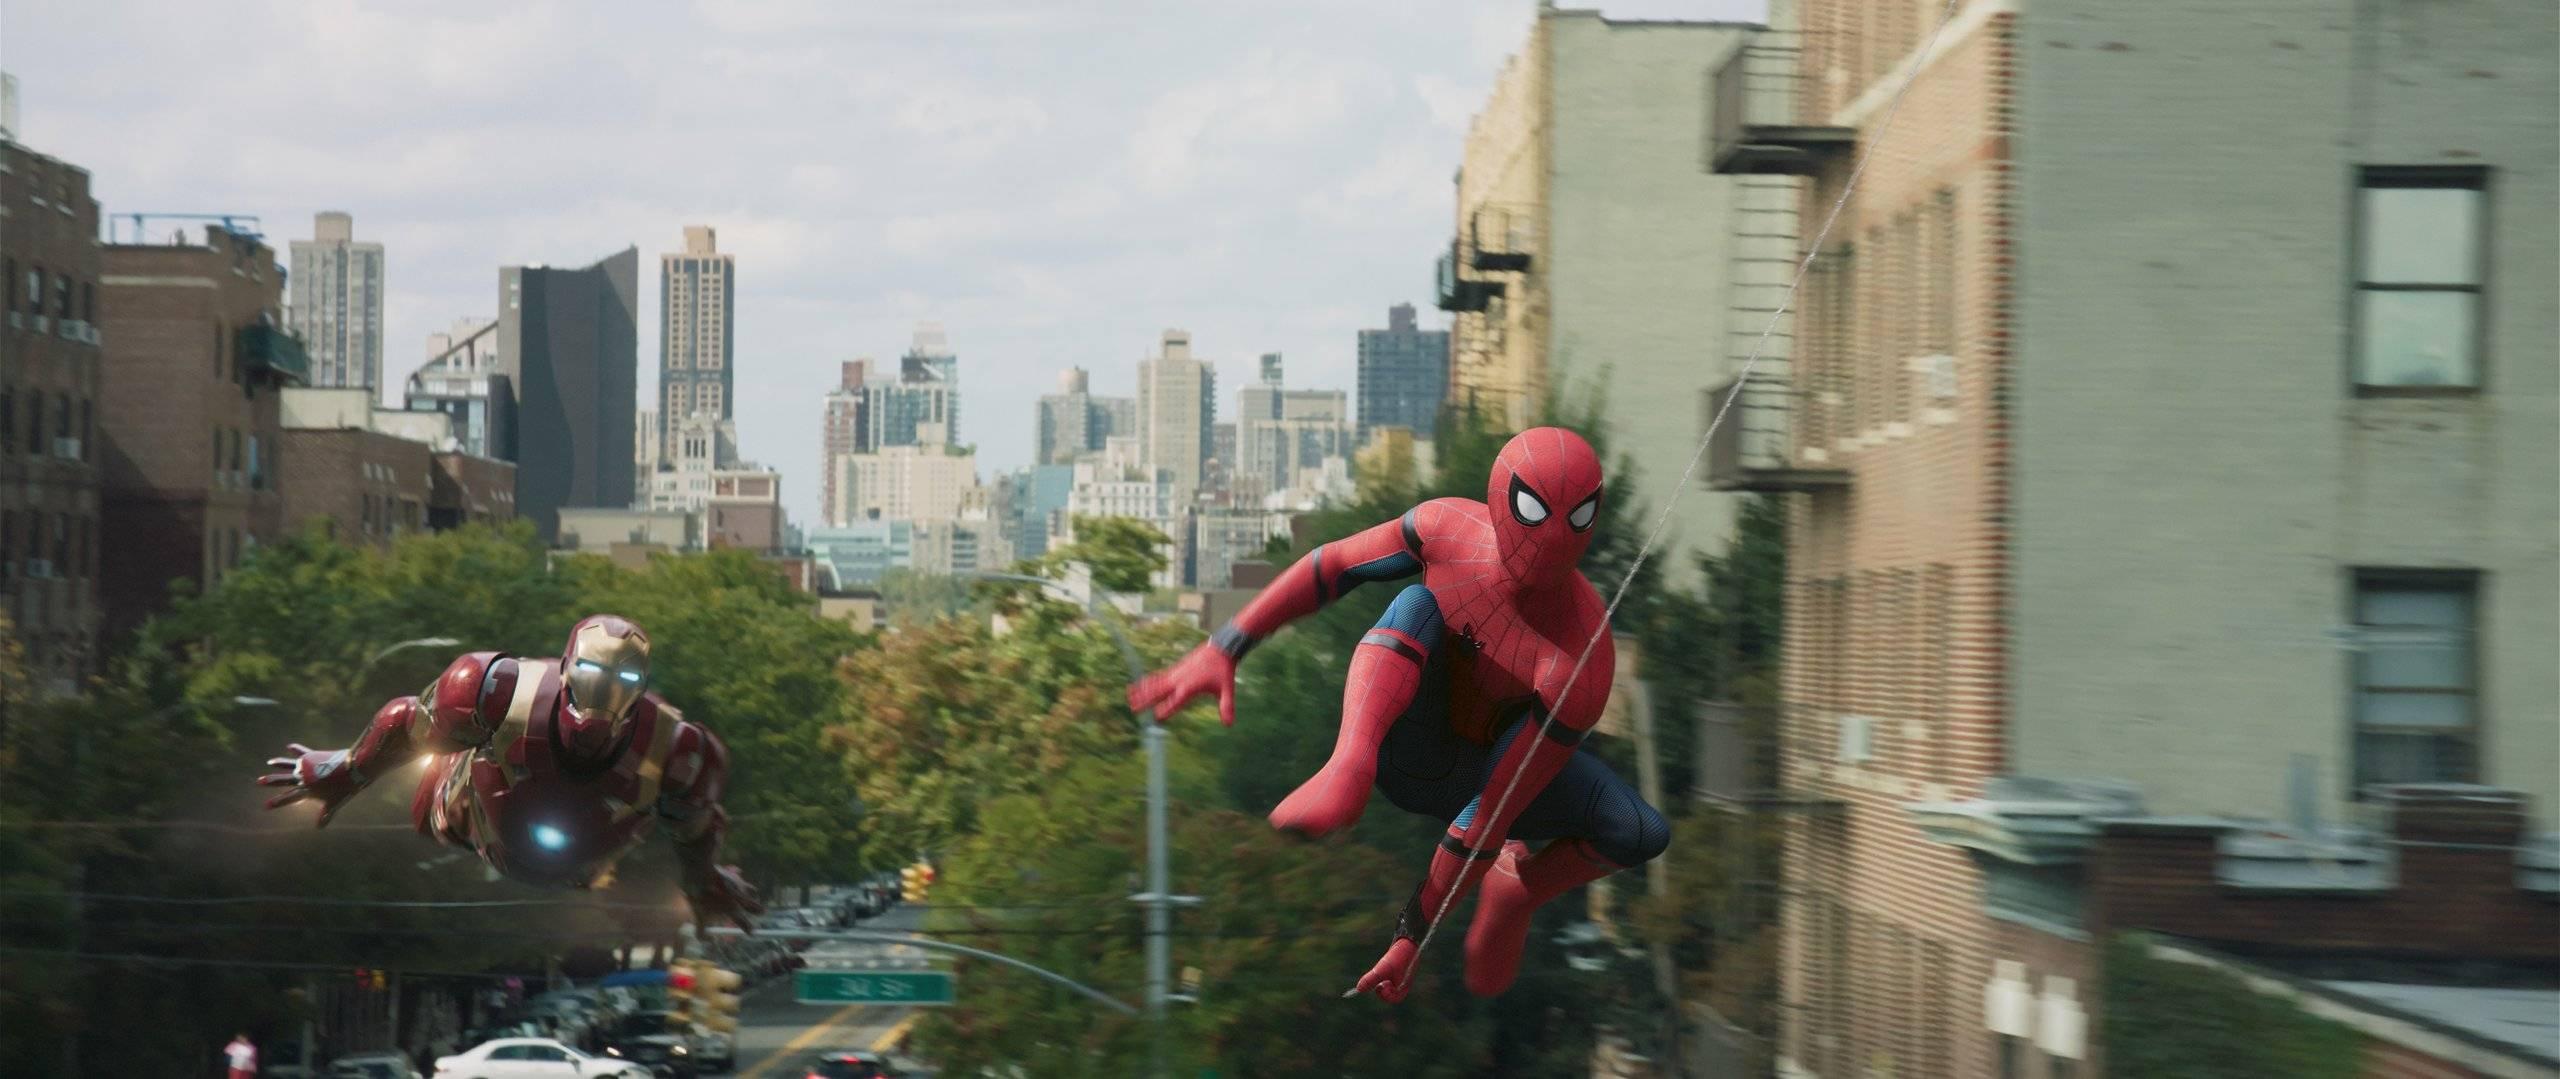 «Человек-паук: Возвращение домой» 3